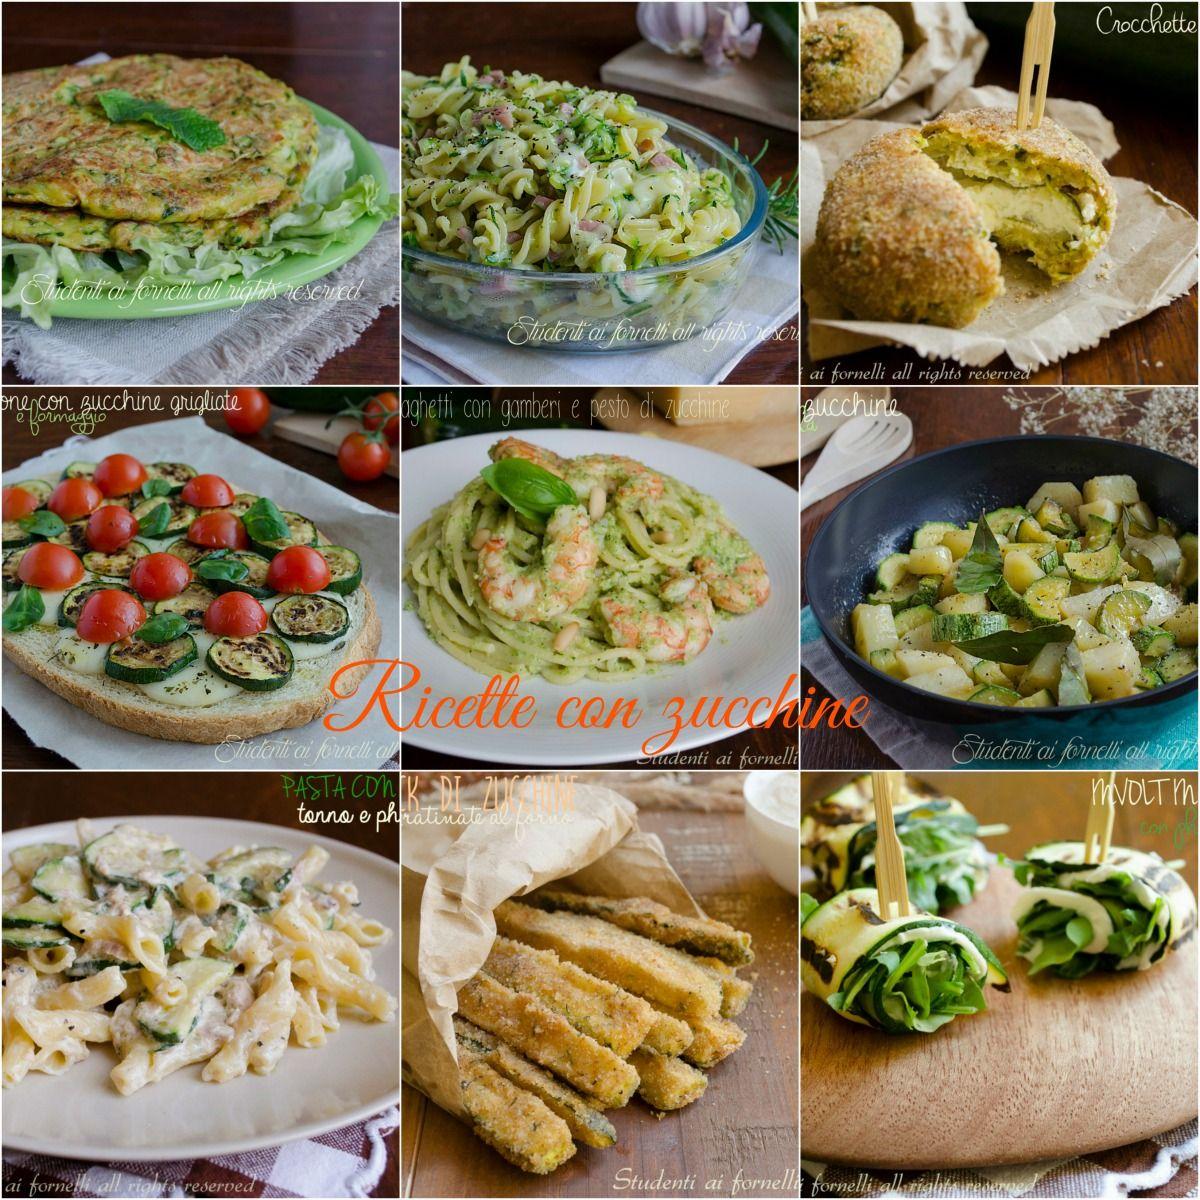 Raccolta di ricette con le zucchine ricette facili e for Ricette facili di cucina